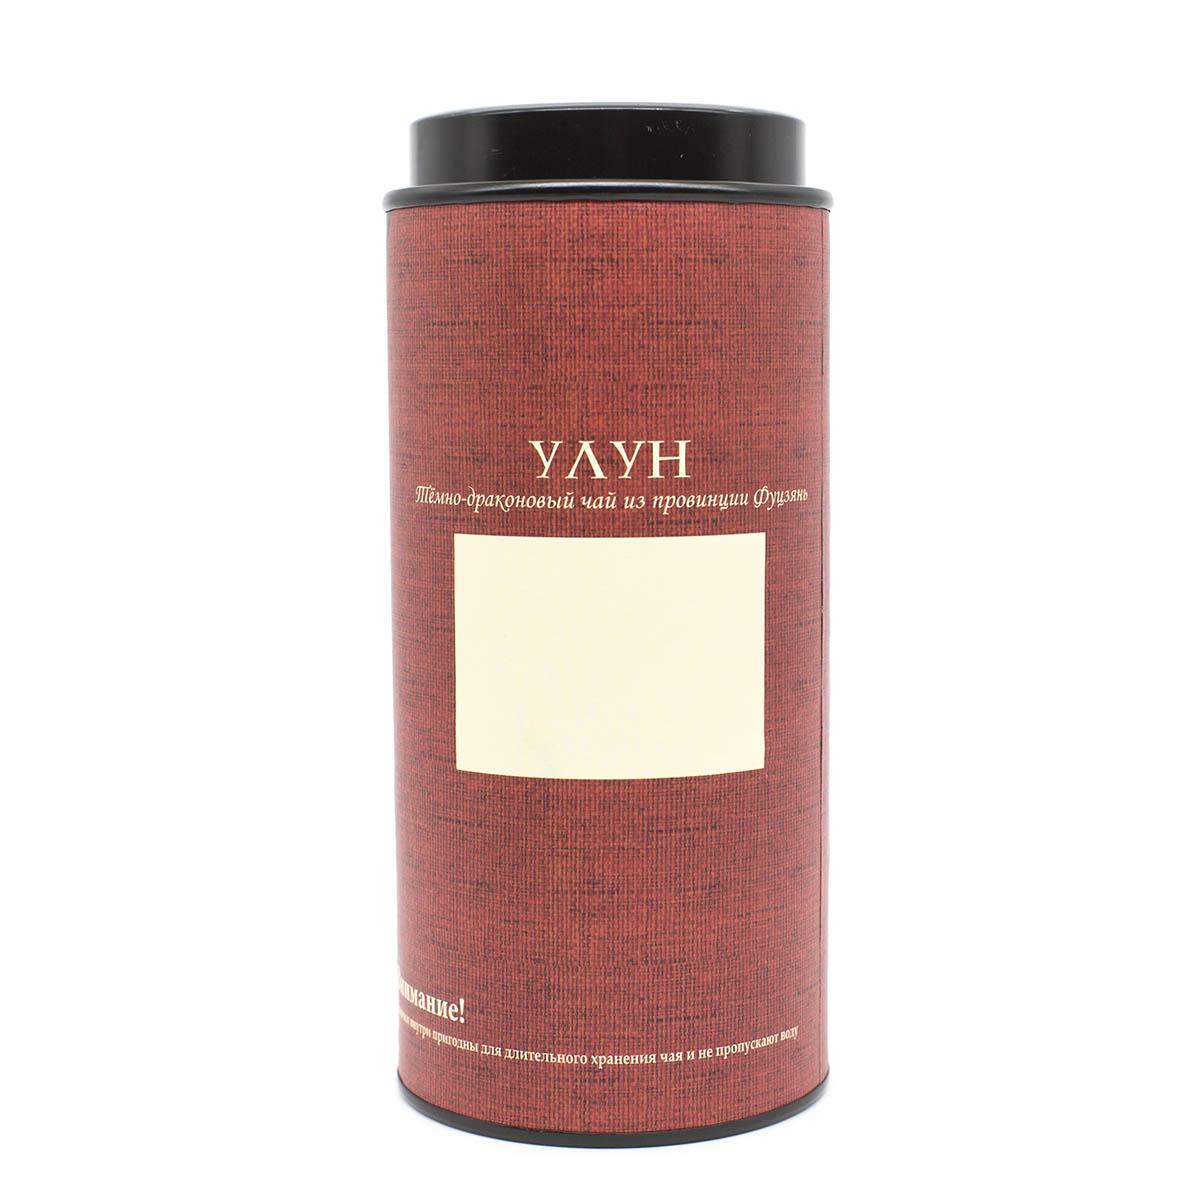 Банка картонная Мелодия неба - Улун фуцзянский 76*145 maitre de the женьшень улун зеленый листовой чай 150 г жестяная банка